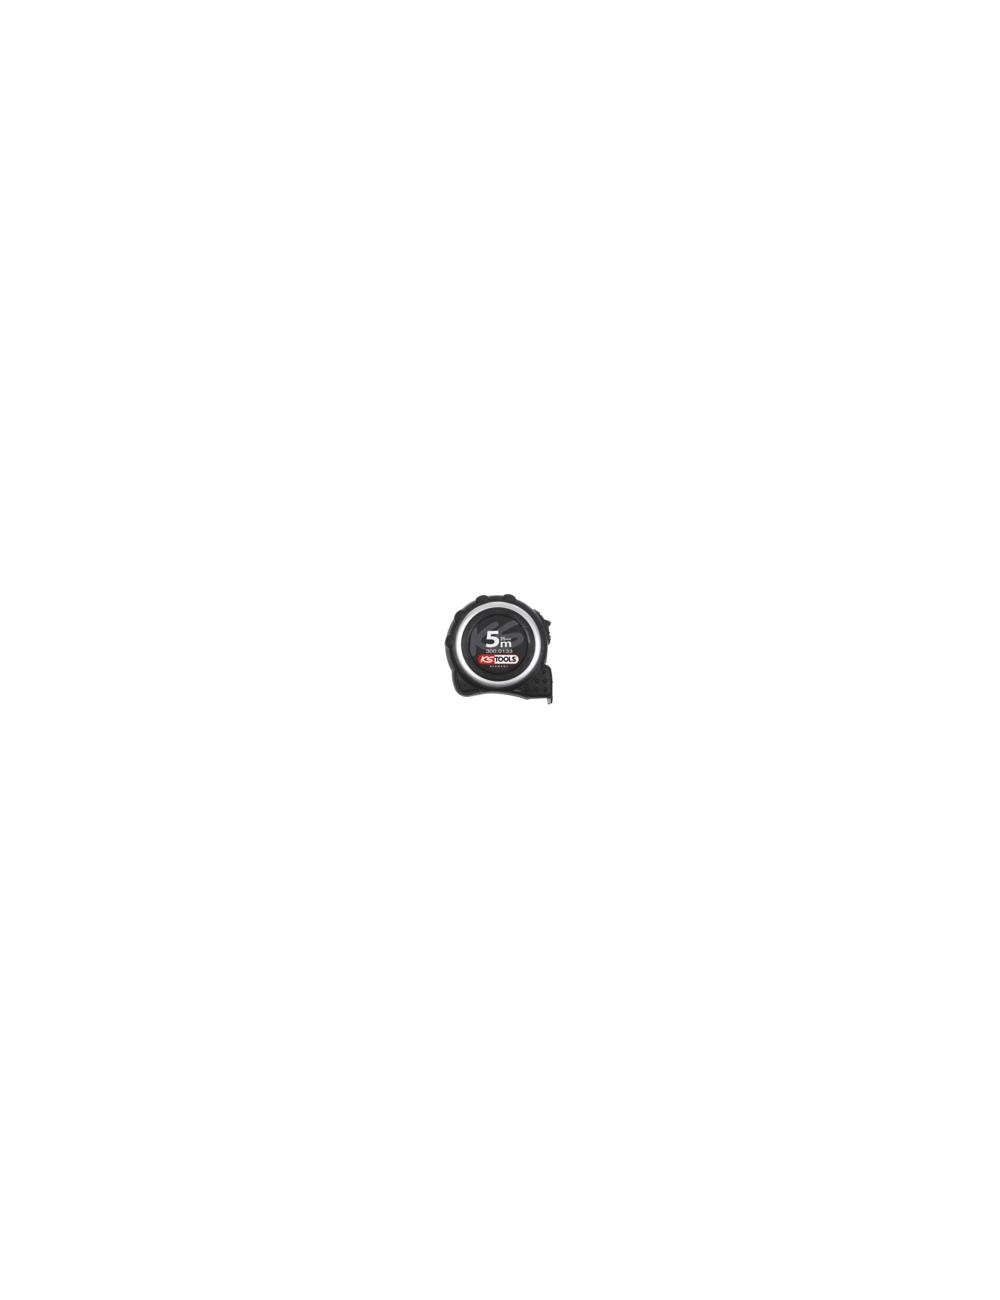 Mètre à ruban Précision PLUS 5x25mm